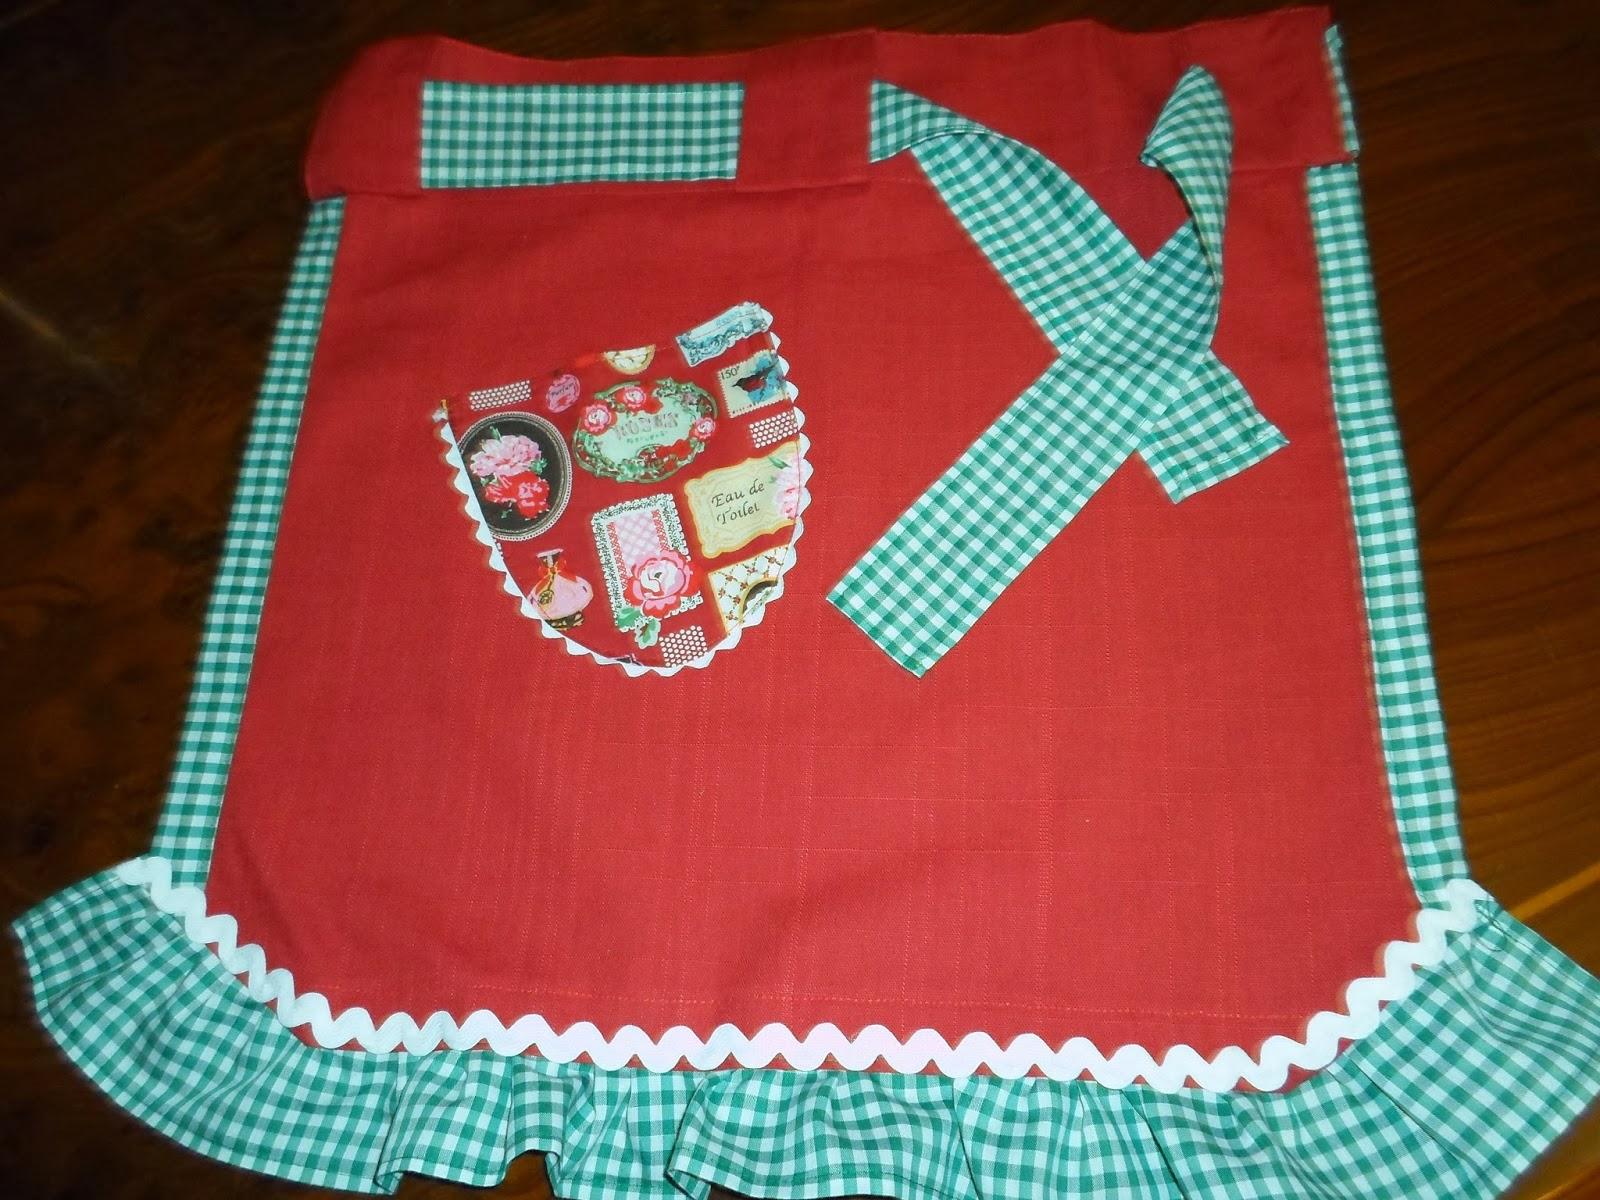 delantal rojo con vichy verde y blanco